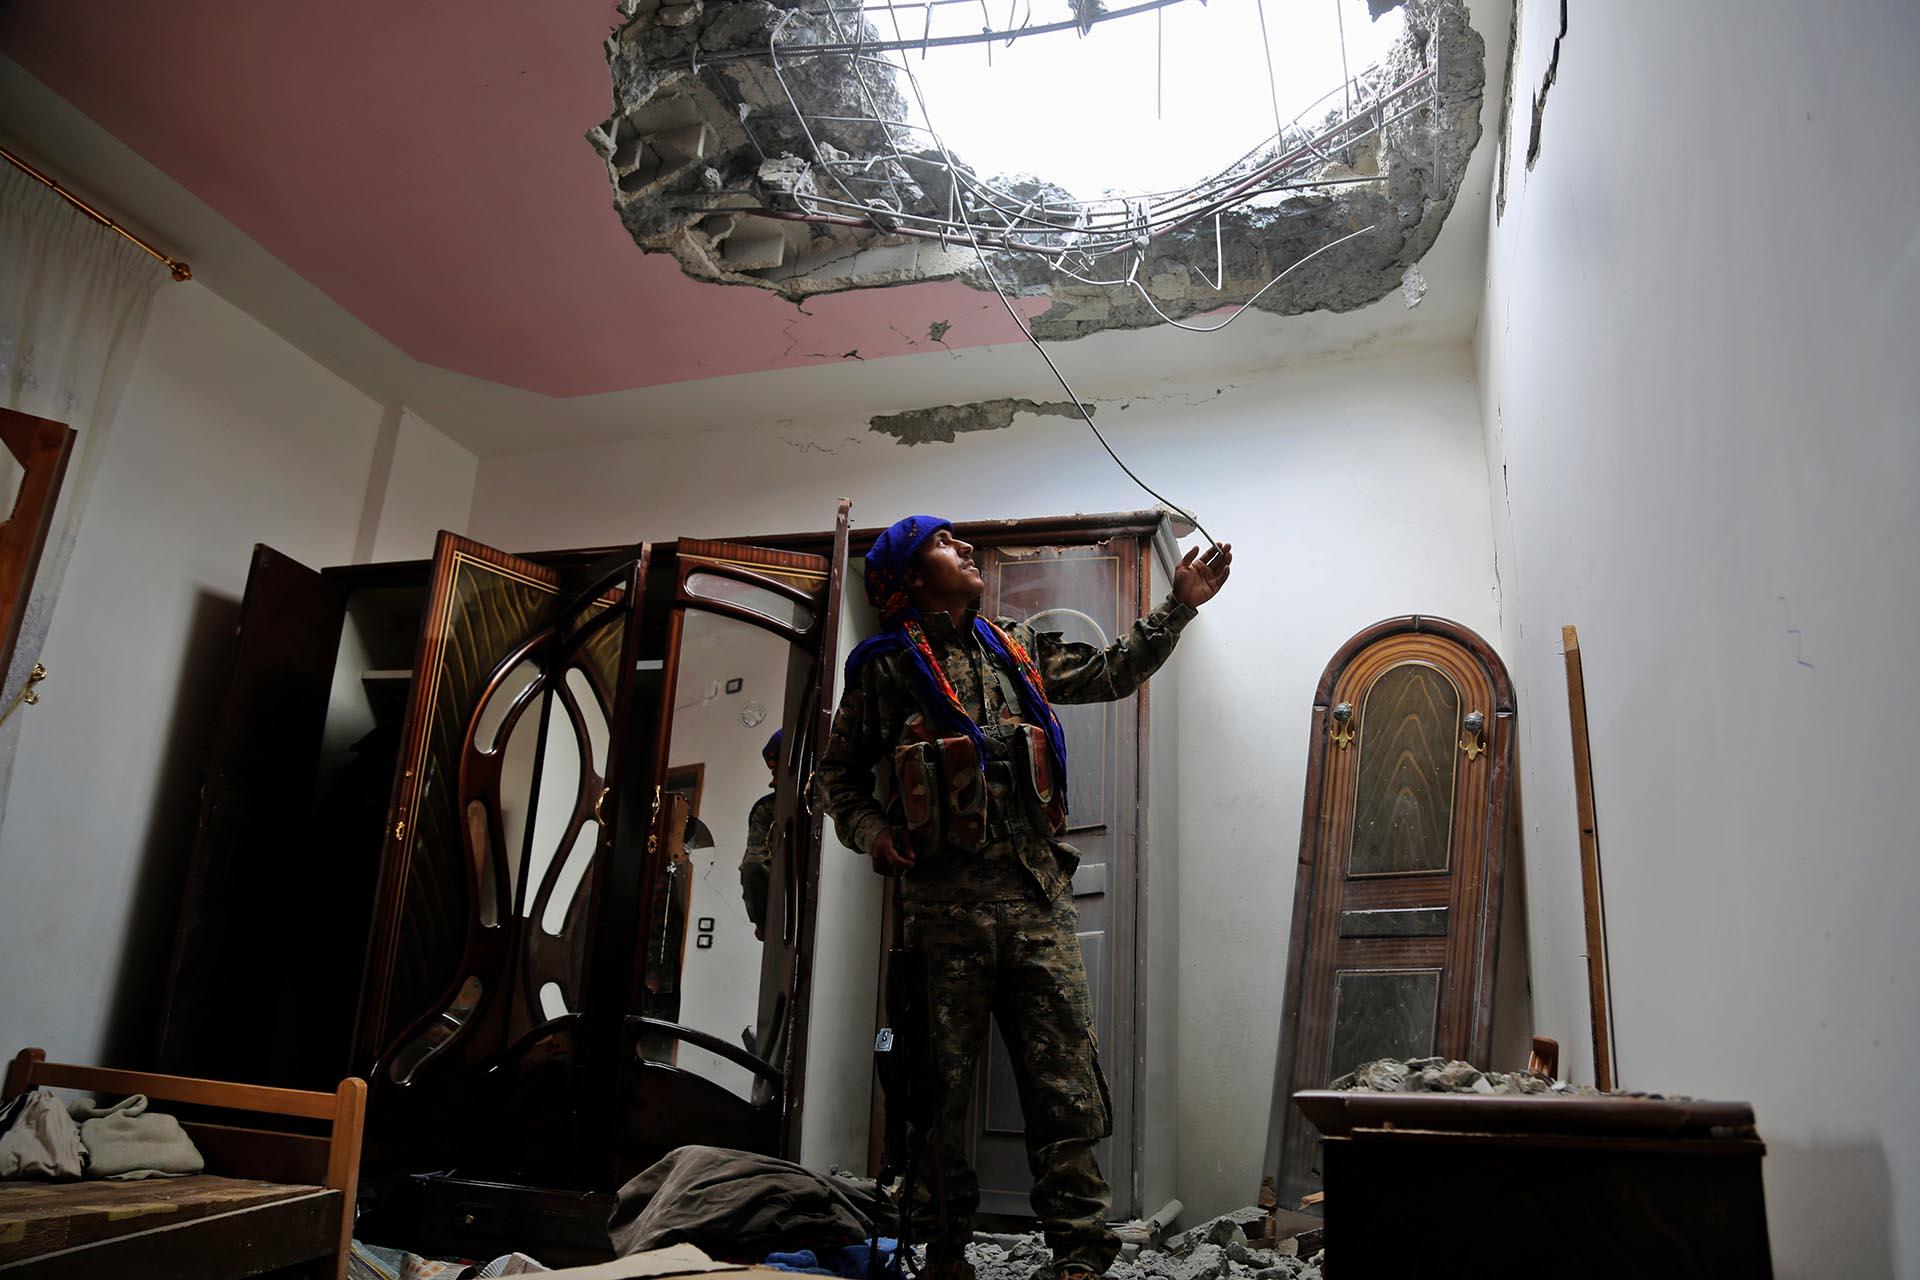 Un miembro de las Fuerzas Democráticas Sirias (SDF), formadas por una alianza de combatientes árabes y kurdos, examina los daños en un barrio del frente oriental de Raqqa, bastión sirio del grupo ISIS, después de sacar del área a los yihadistas en junio